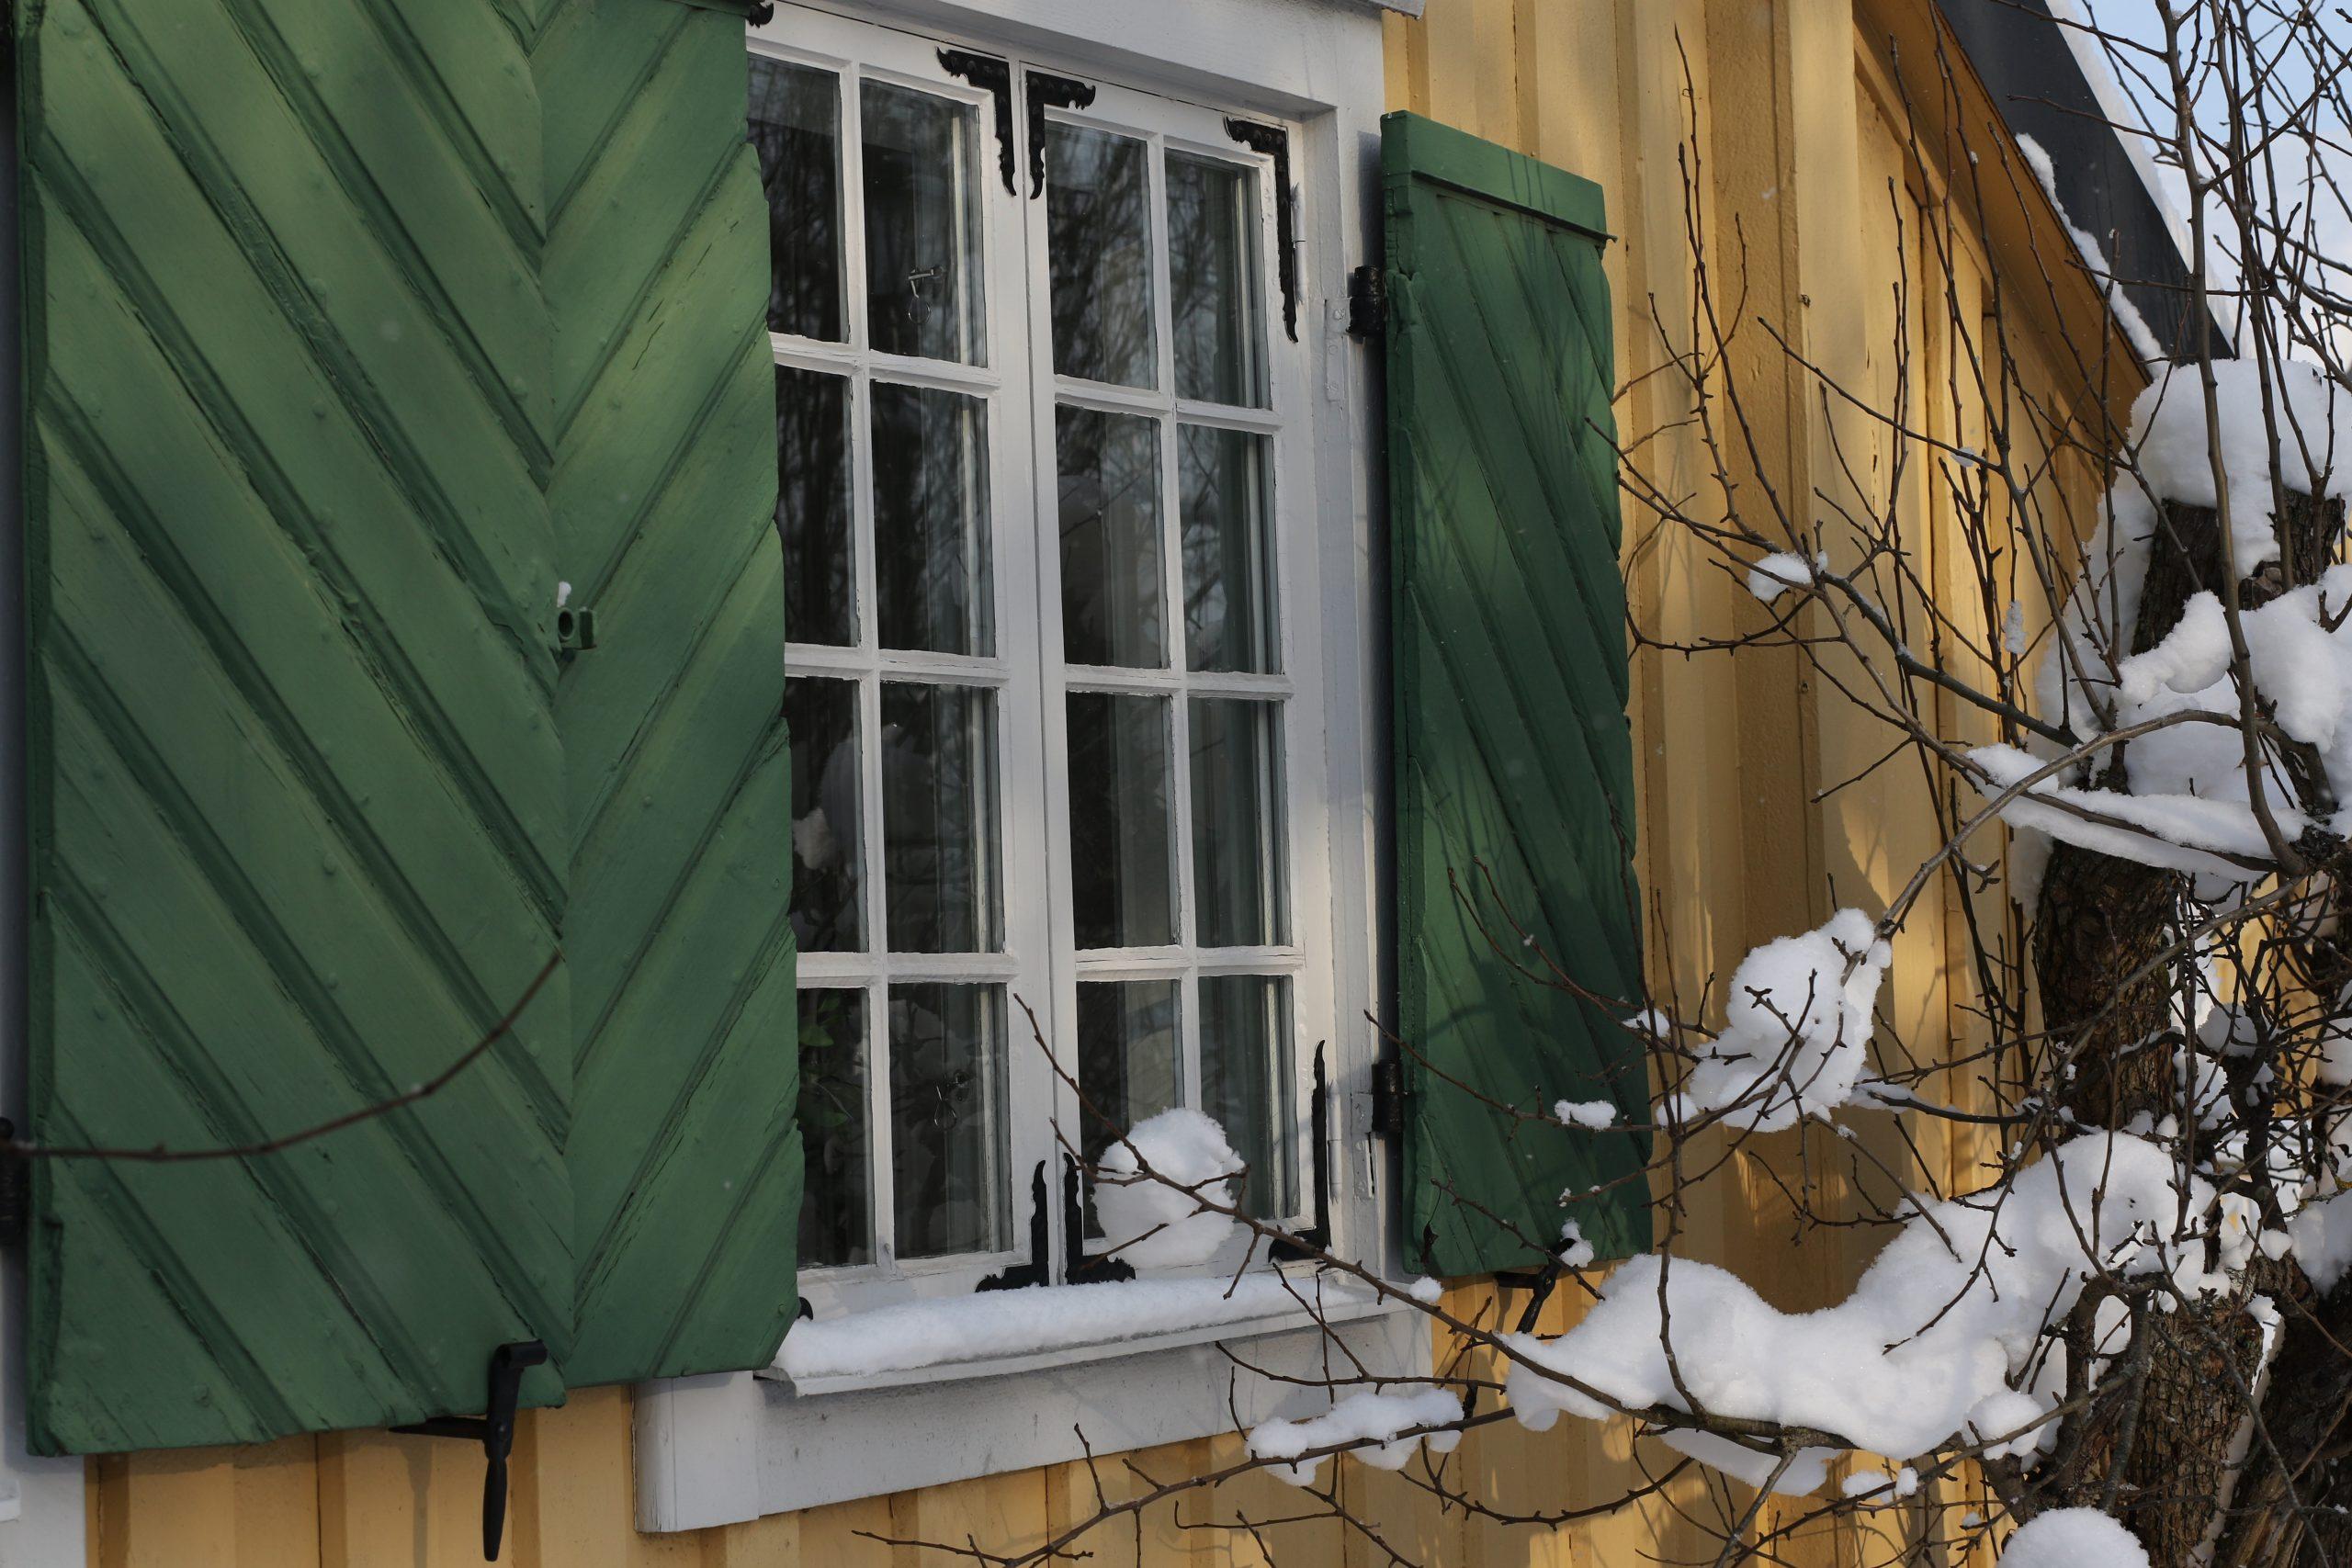 Vinter på Berga gård. Mycket snö